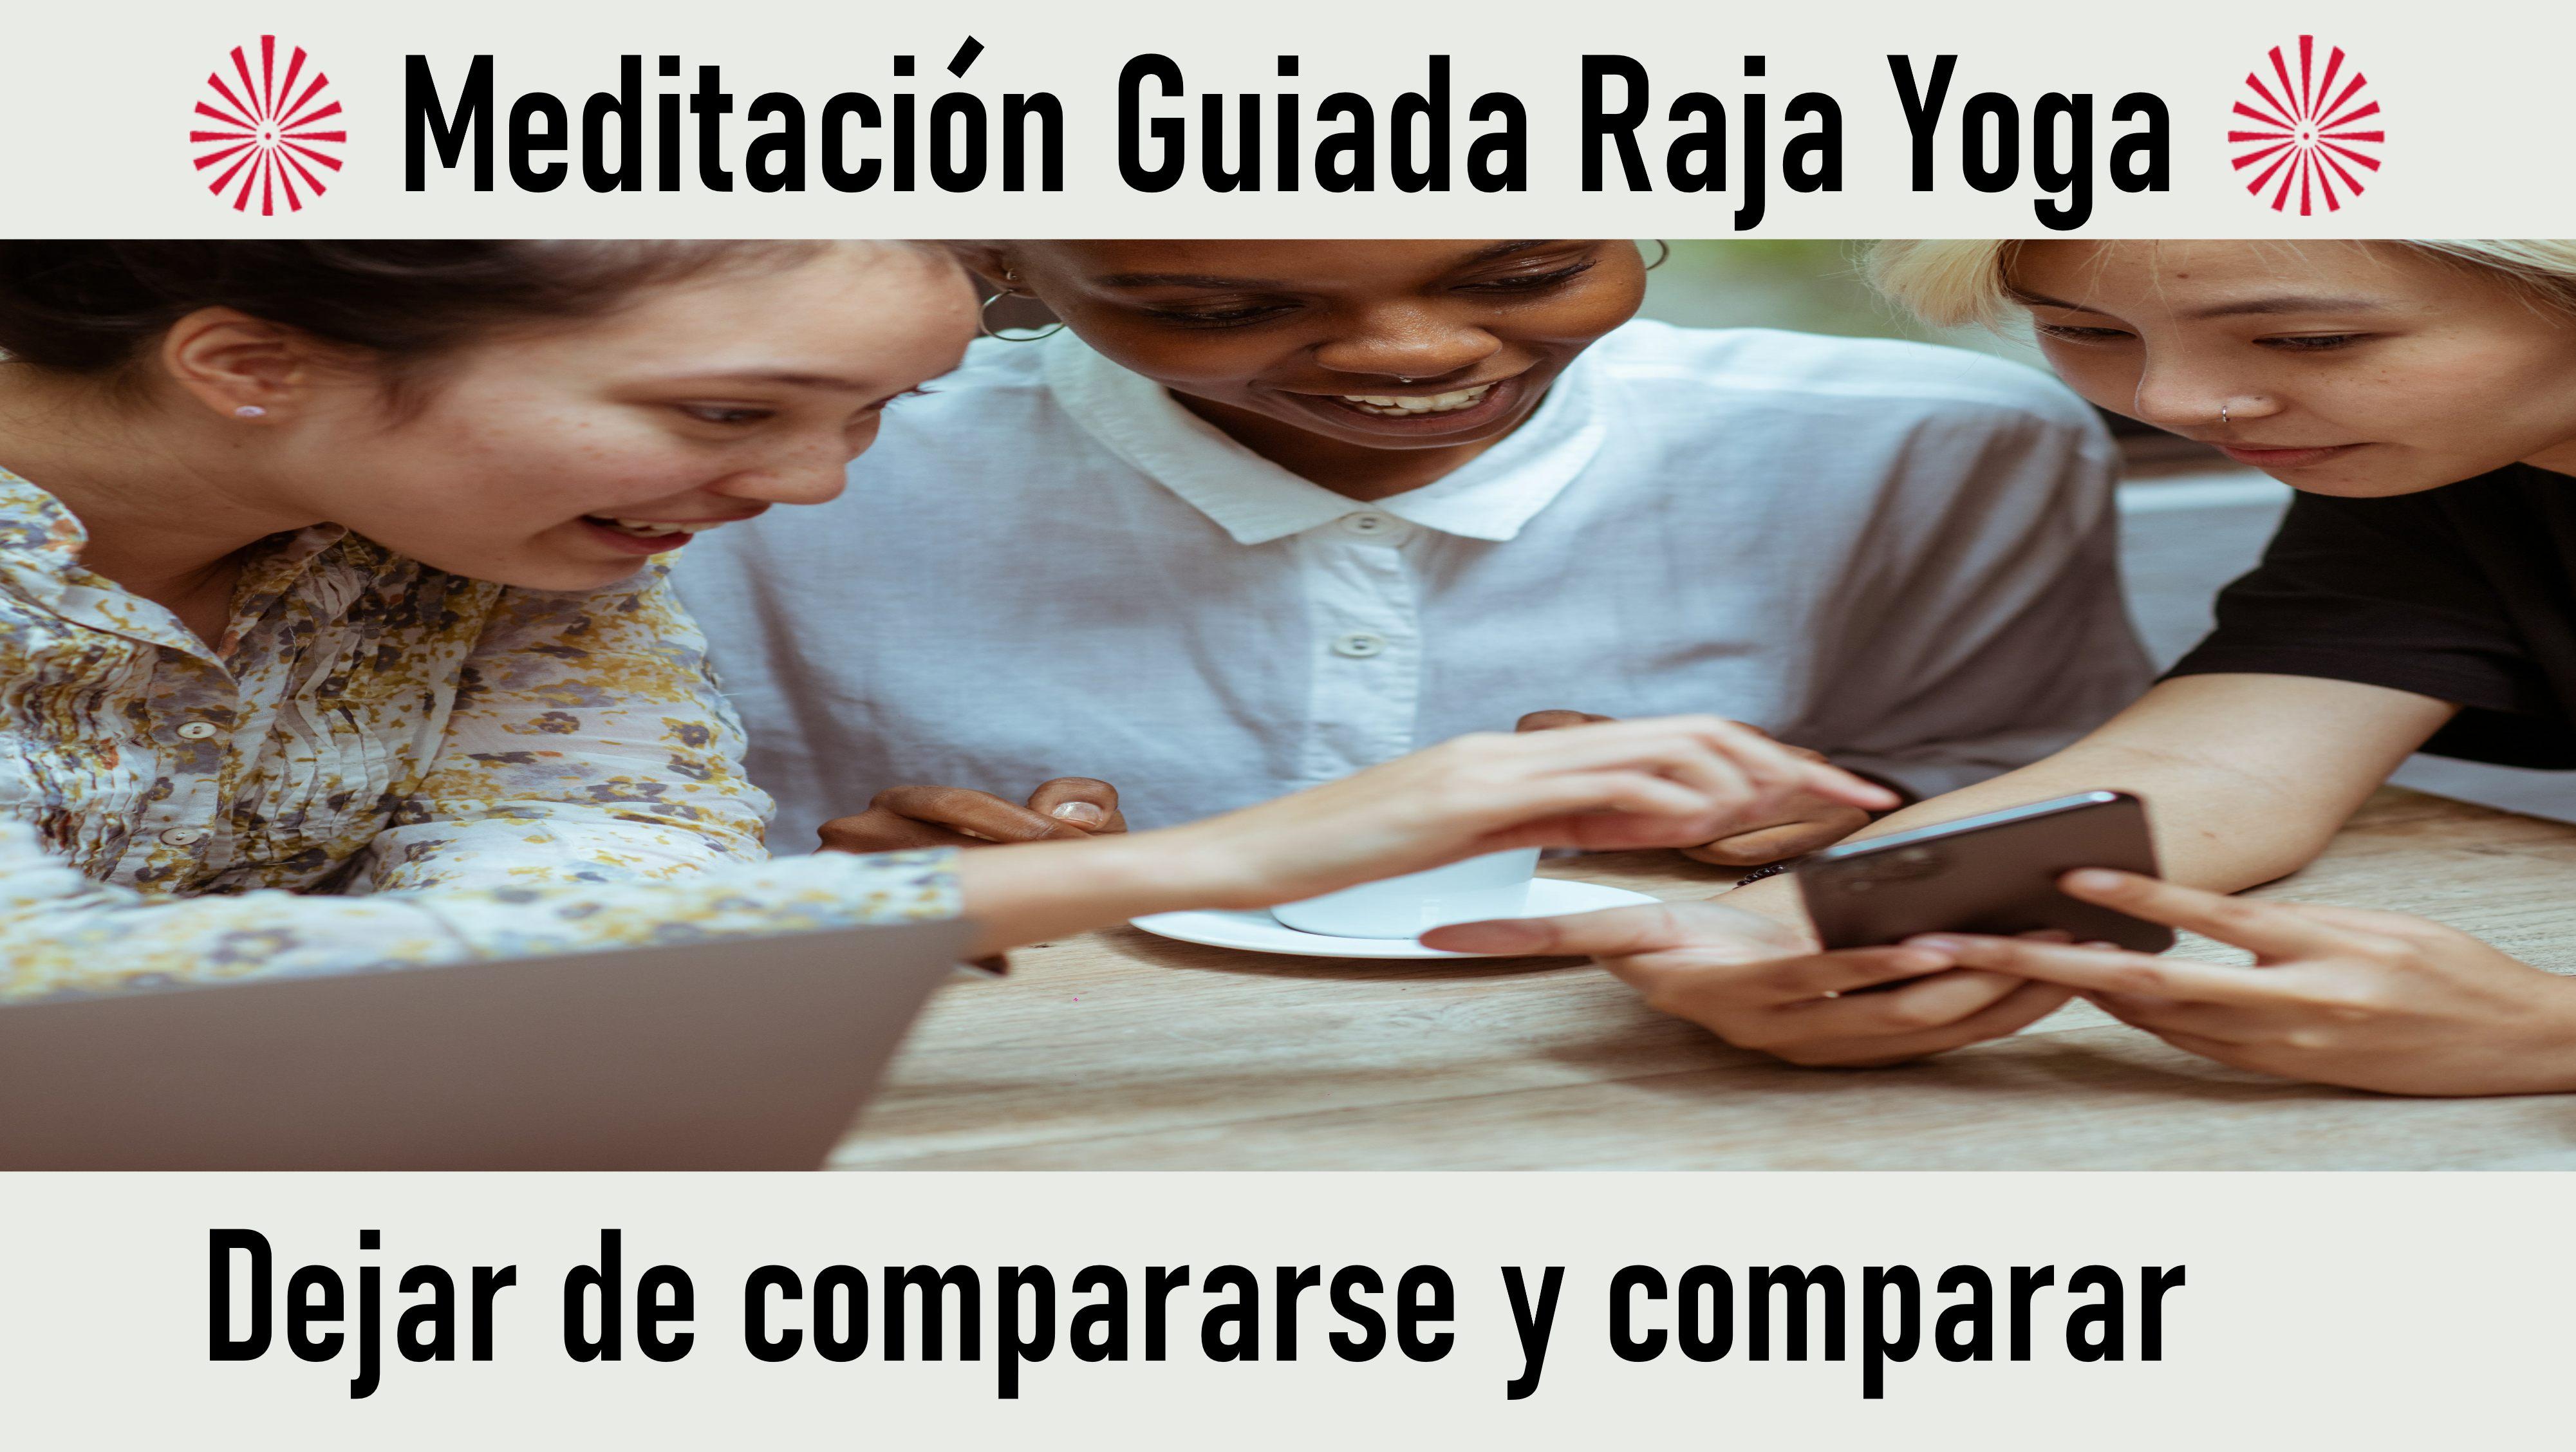 Meditación Raja Yoga: Dejar de compararse y comparar (10 Octubre 2020) On-line desde Valencia